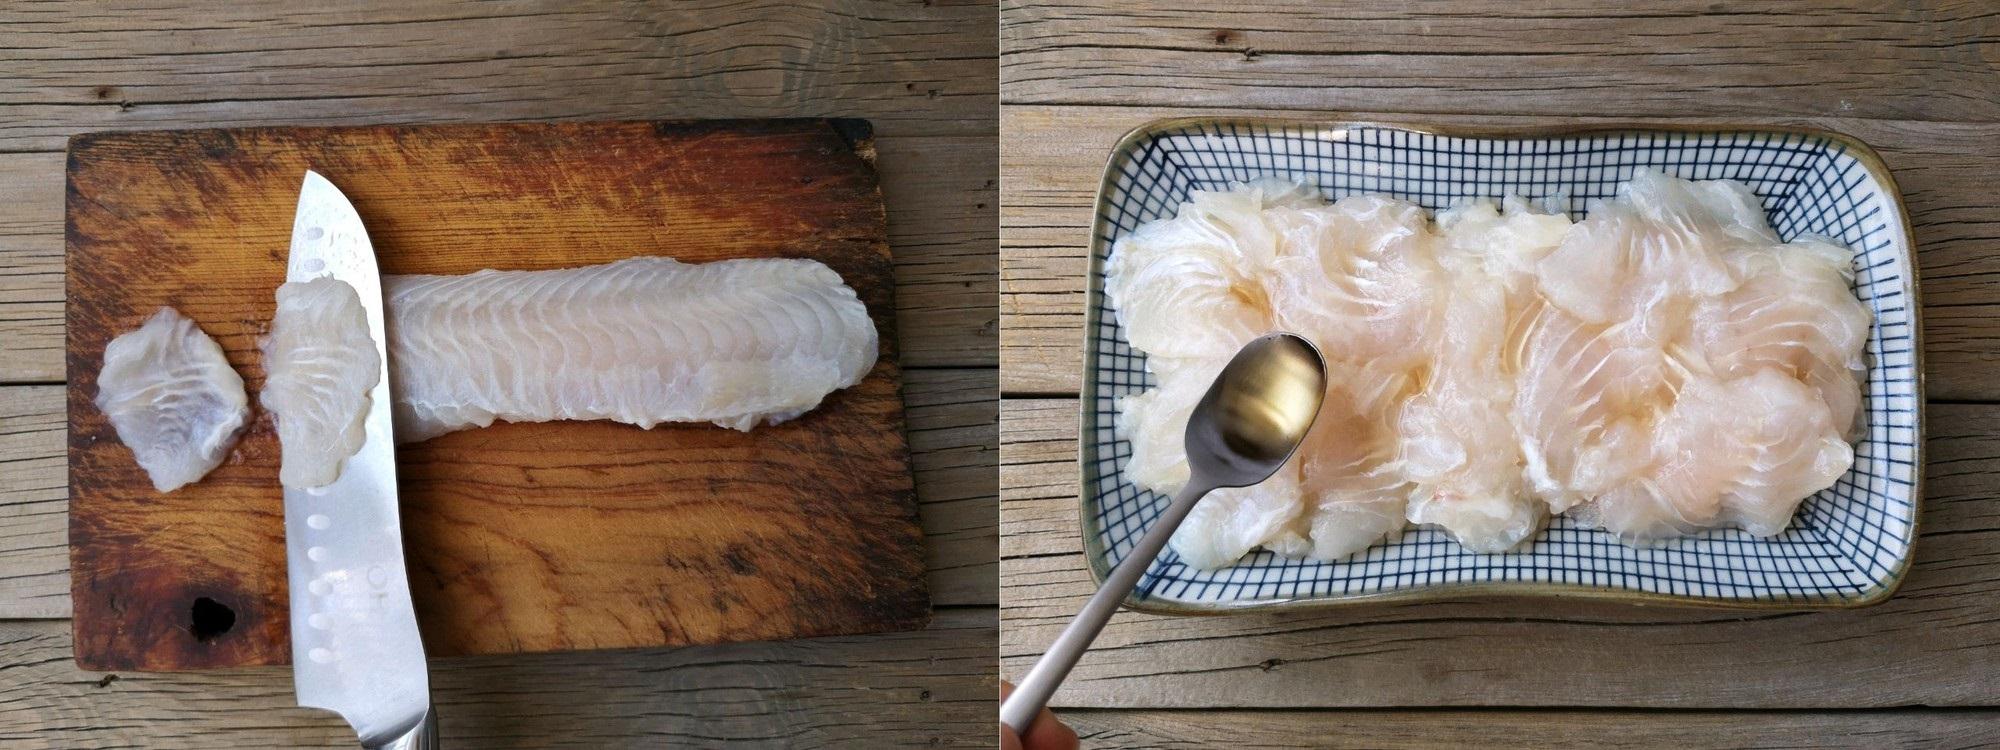 Bữa tối mà ăn món cá hấp này thì vừa ngon vừa giảm cân số 1! - Ảnh 1